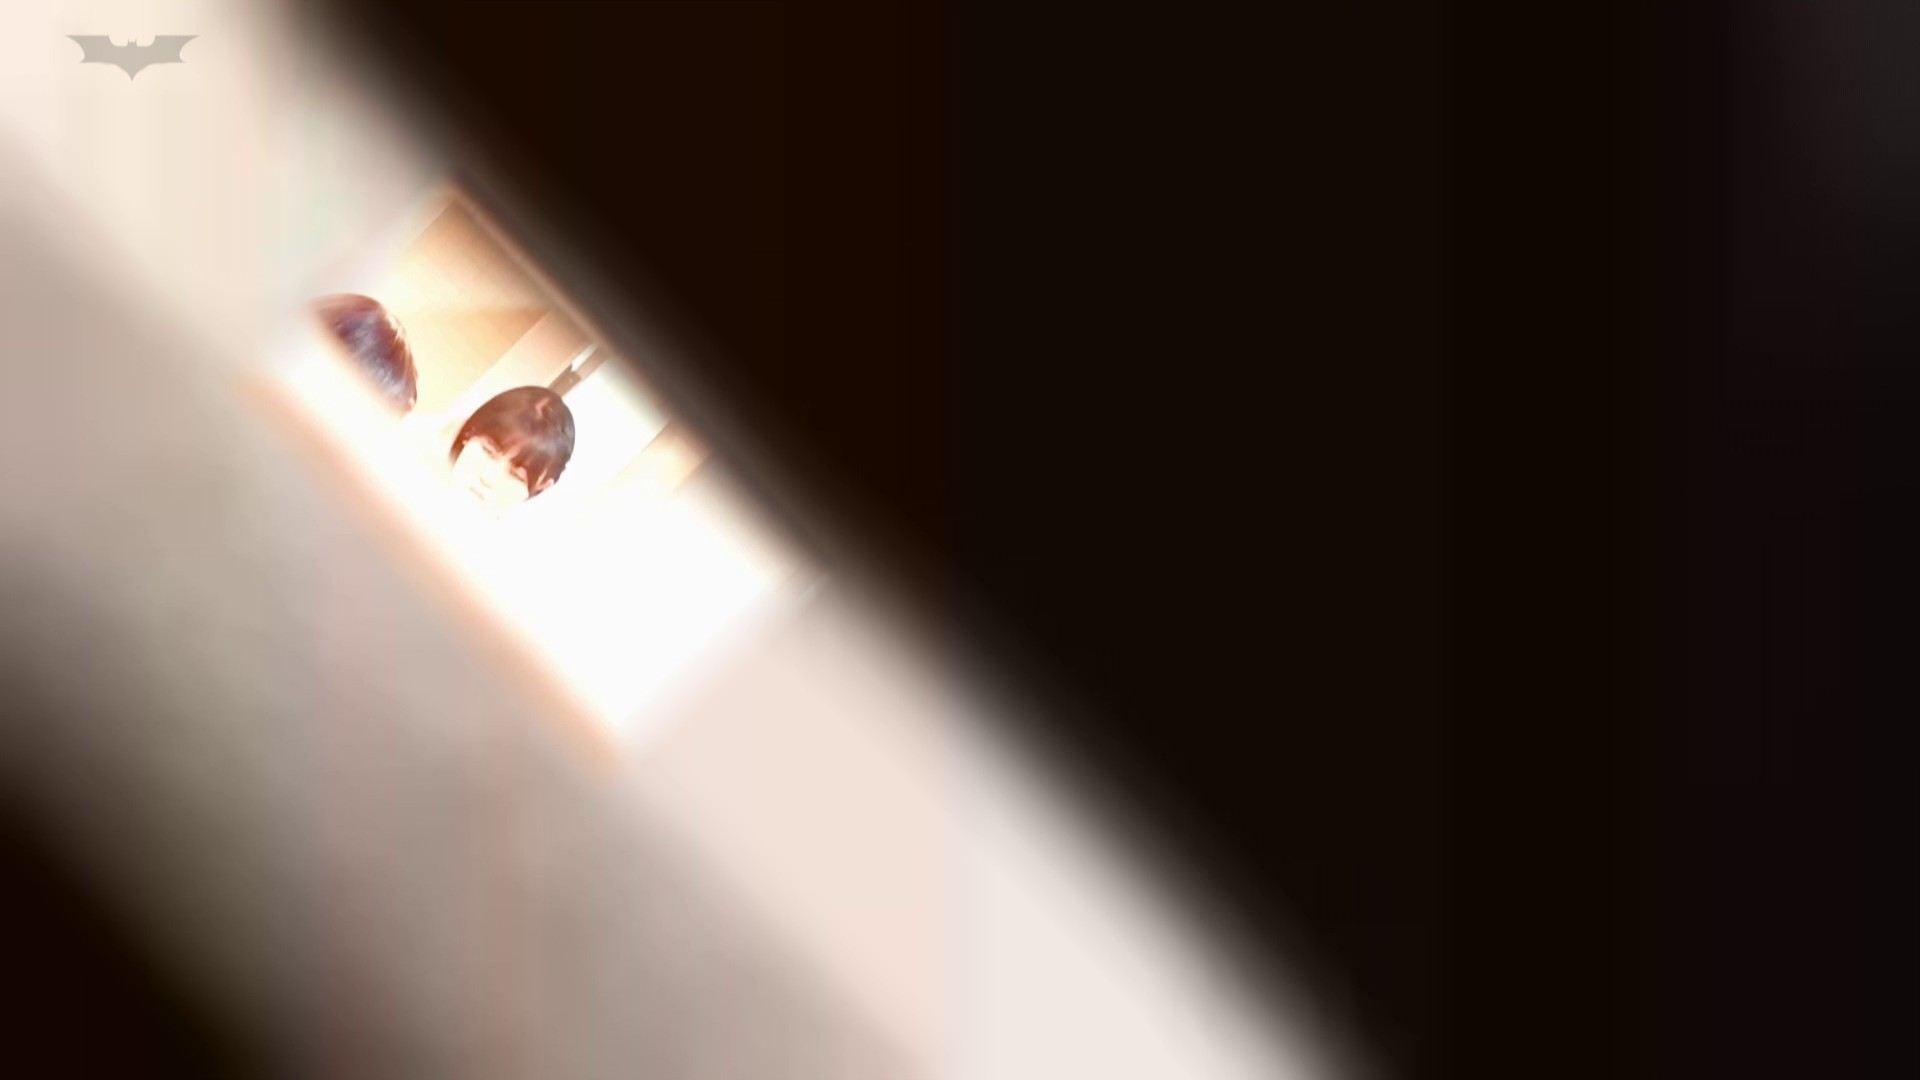 ▲復活限定D▲第三体育館潜入撮File018 夏帆に激似現役の未開発の下を 高画質 AV無料動画キャプチャ 96枚 25